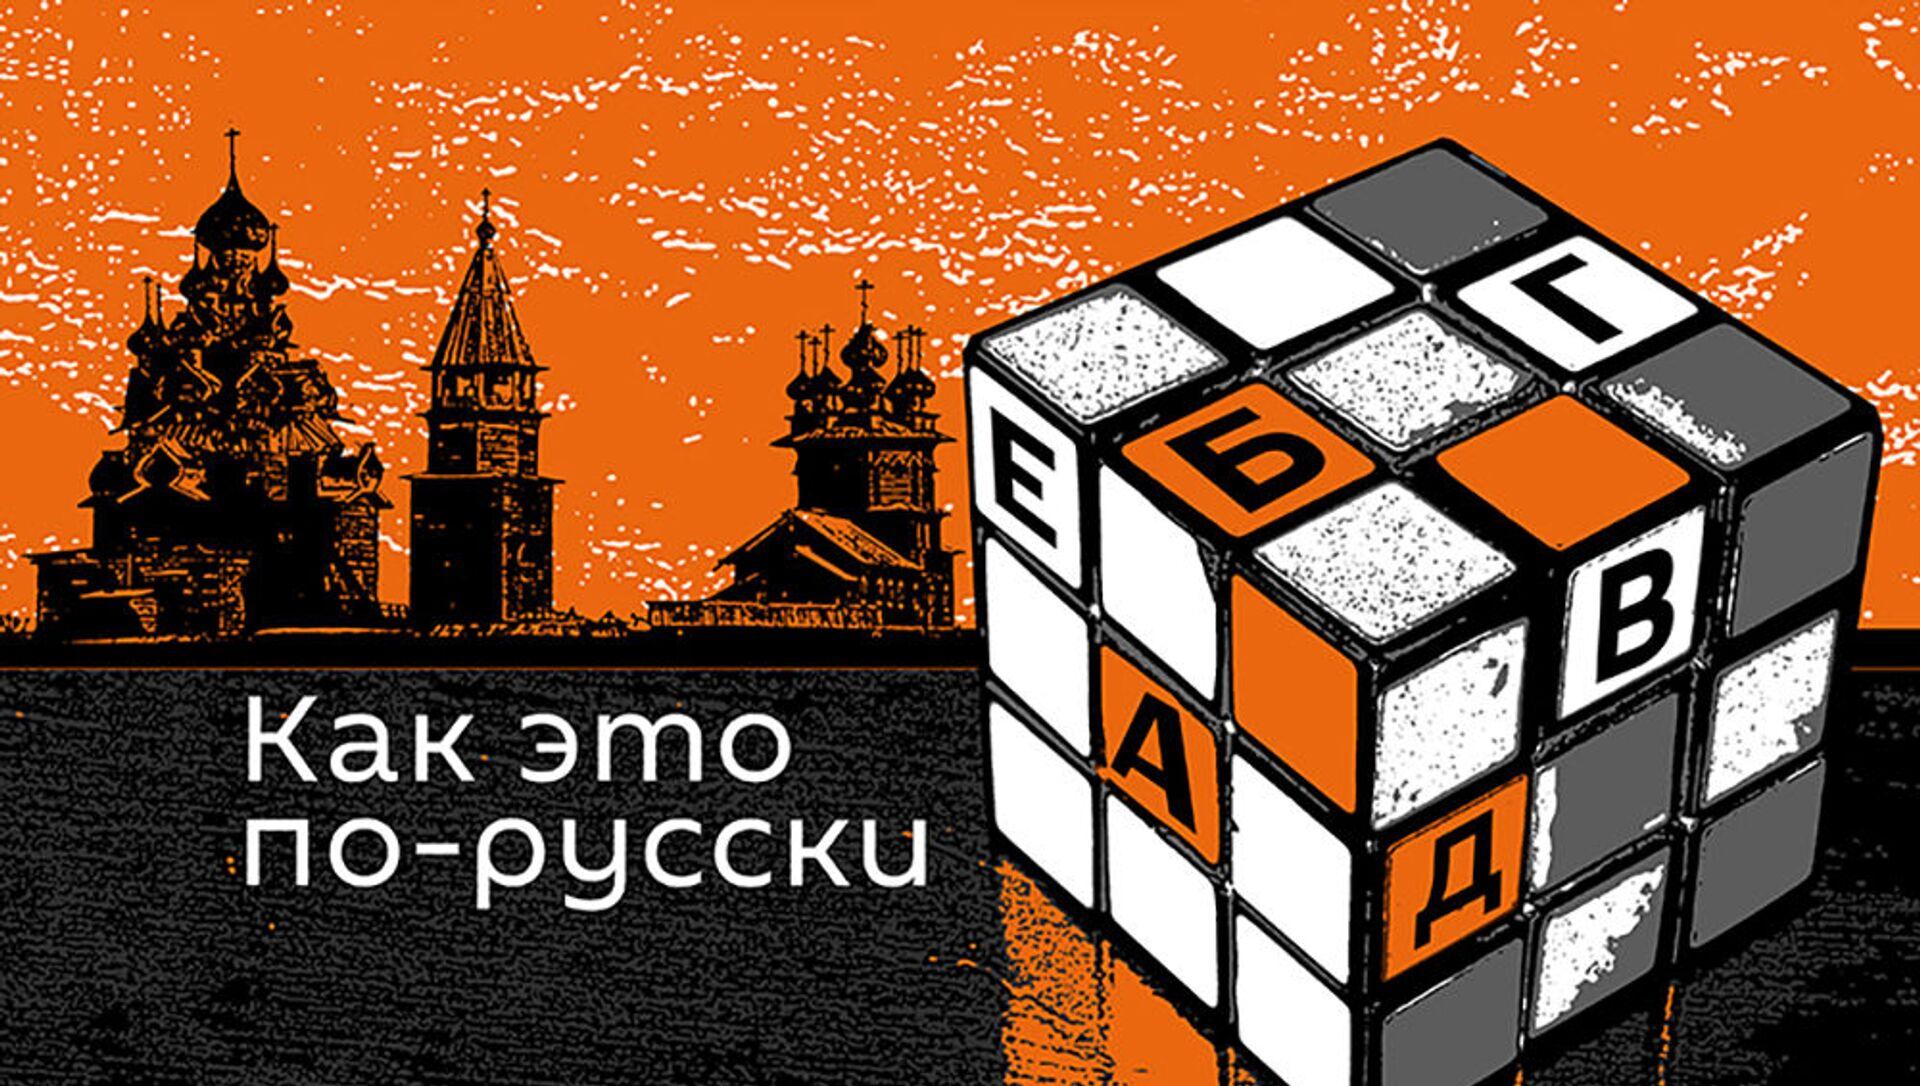 Как это по-русски - Sputnik Азербайджан, 1920, 07.08.2021